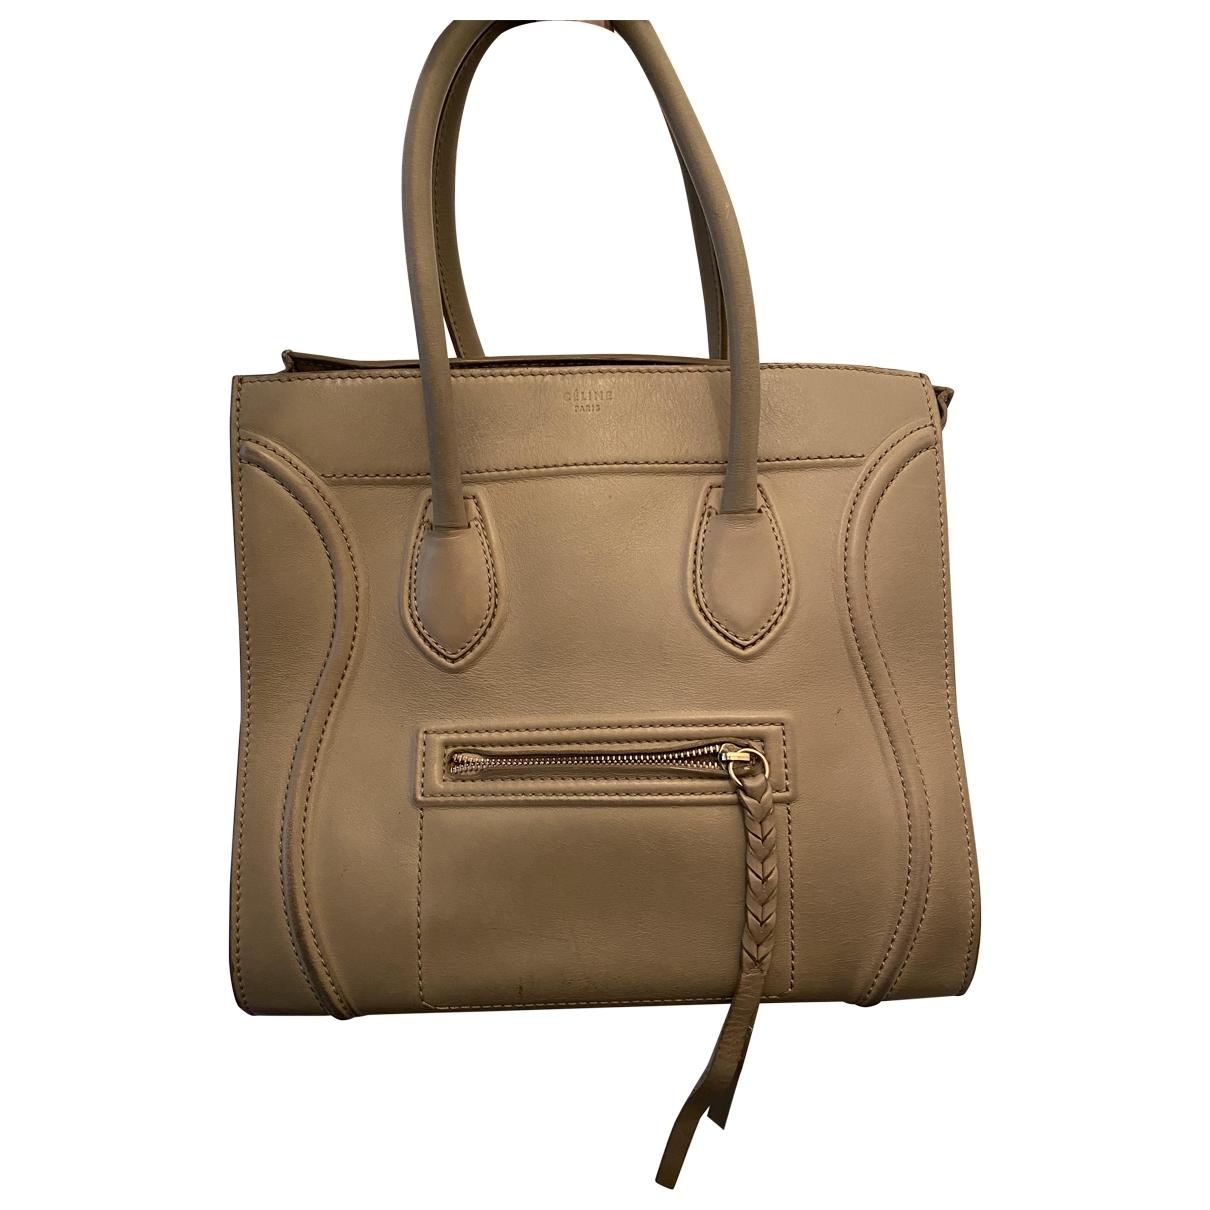 Celine Luggage Handtasche in  Beige Leder